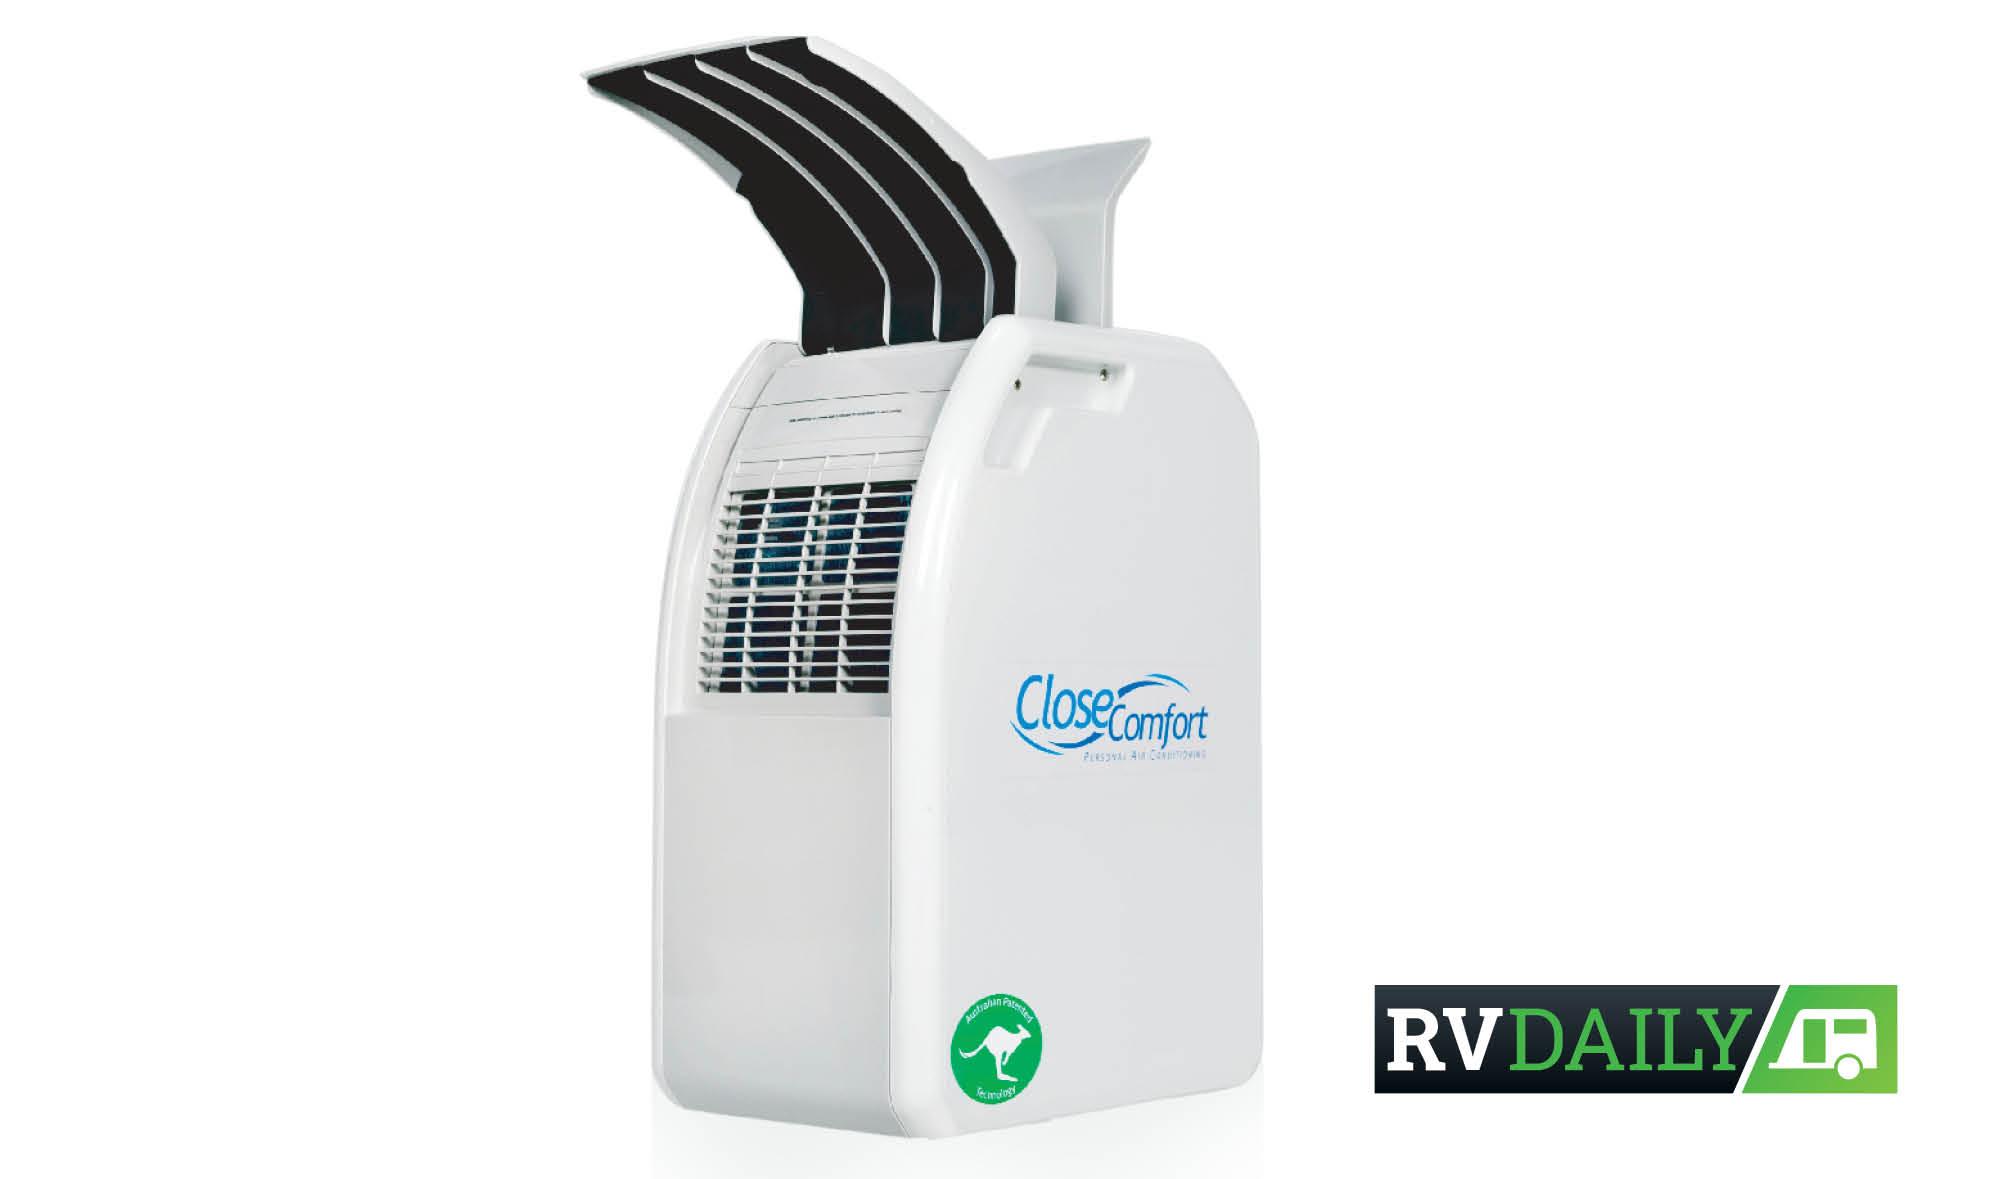 Close Comfort PC9+plus Personal Air Conditioner